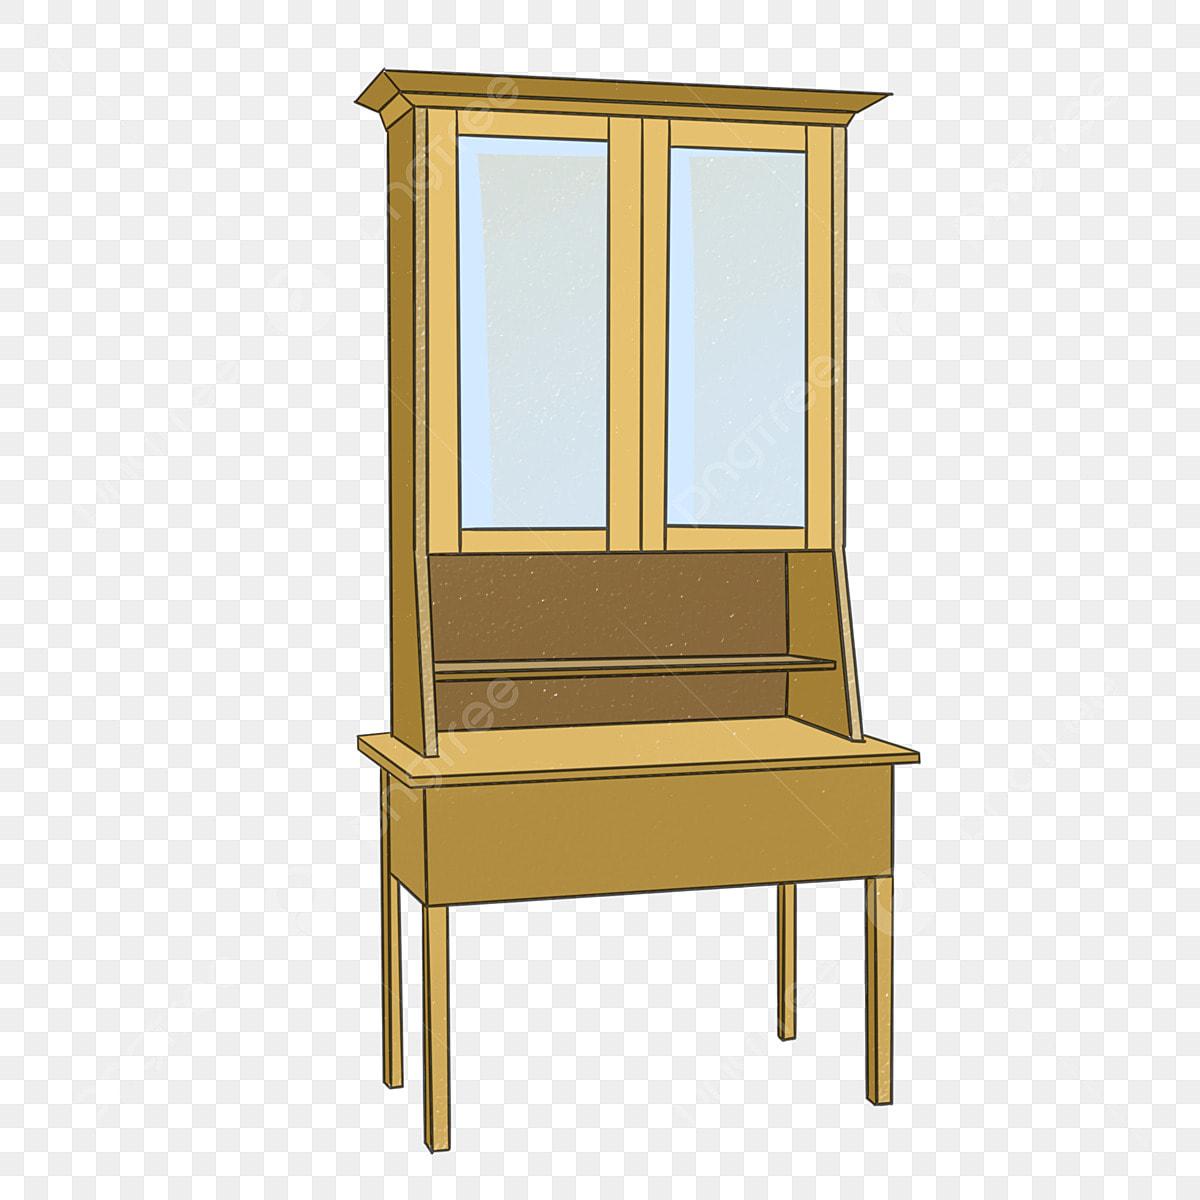 Tableau Pour Mettre Dans Les Toilettes tableau dessiné à la main illustration de bureau jaune